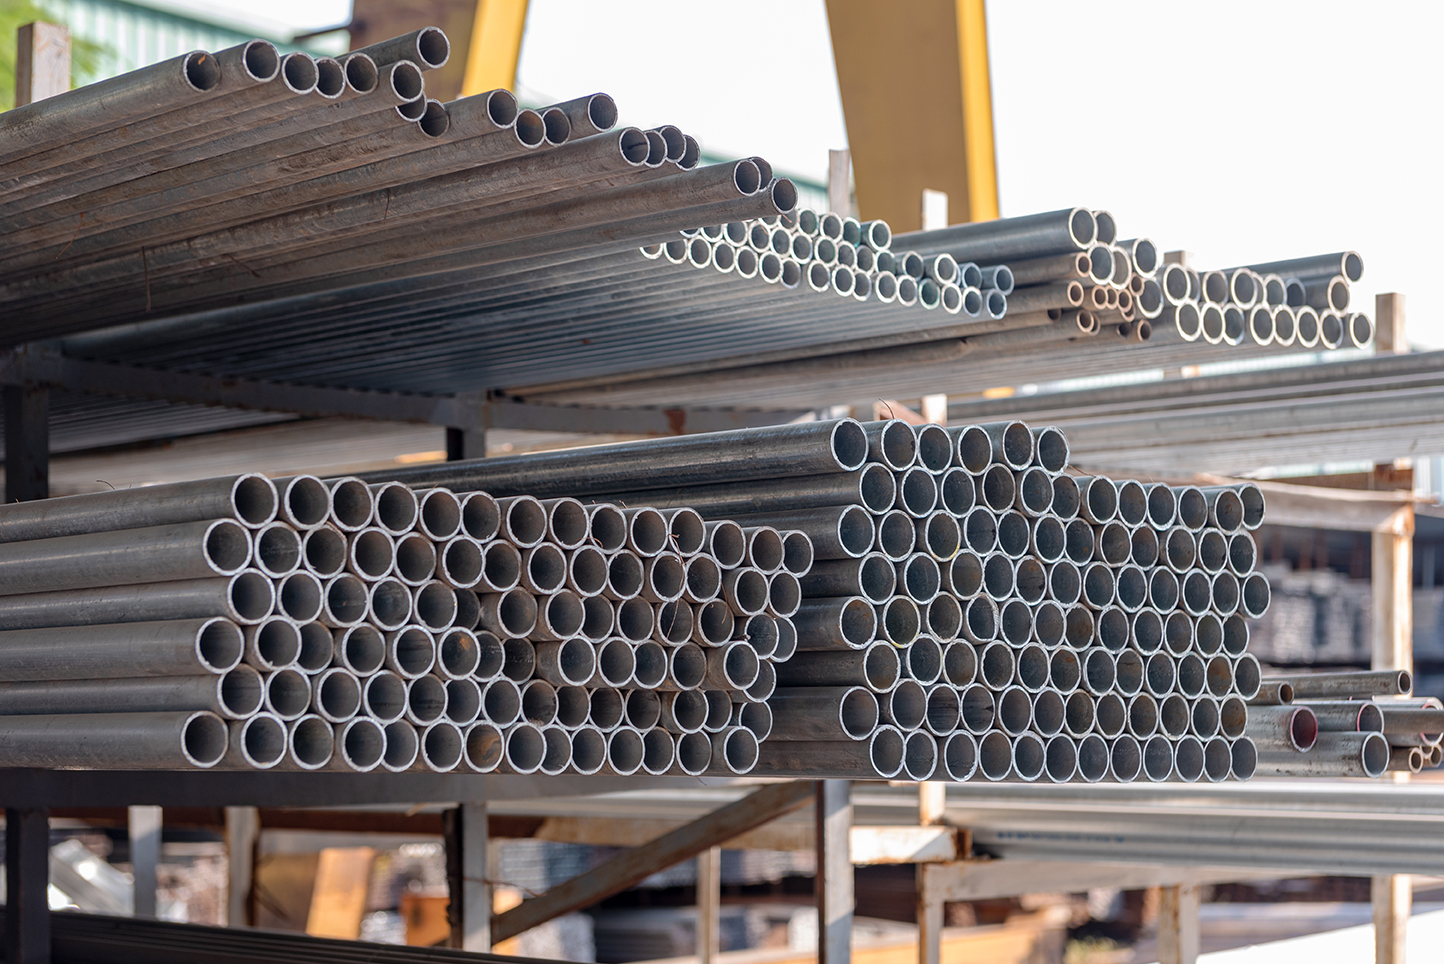 施耐德电气与中国建材集团达成战略合作伙伴关系